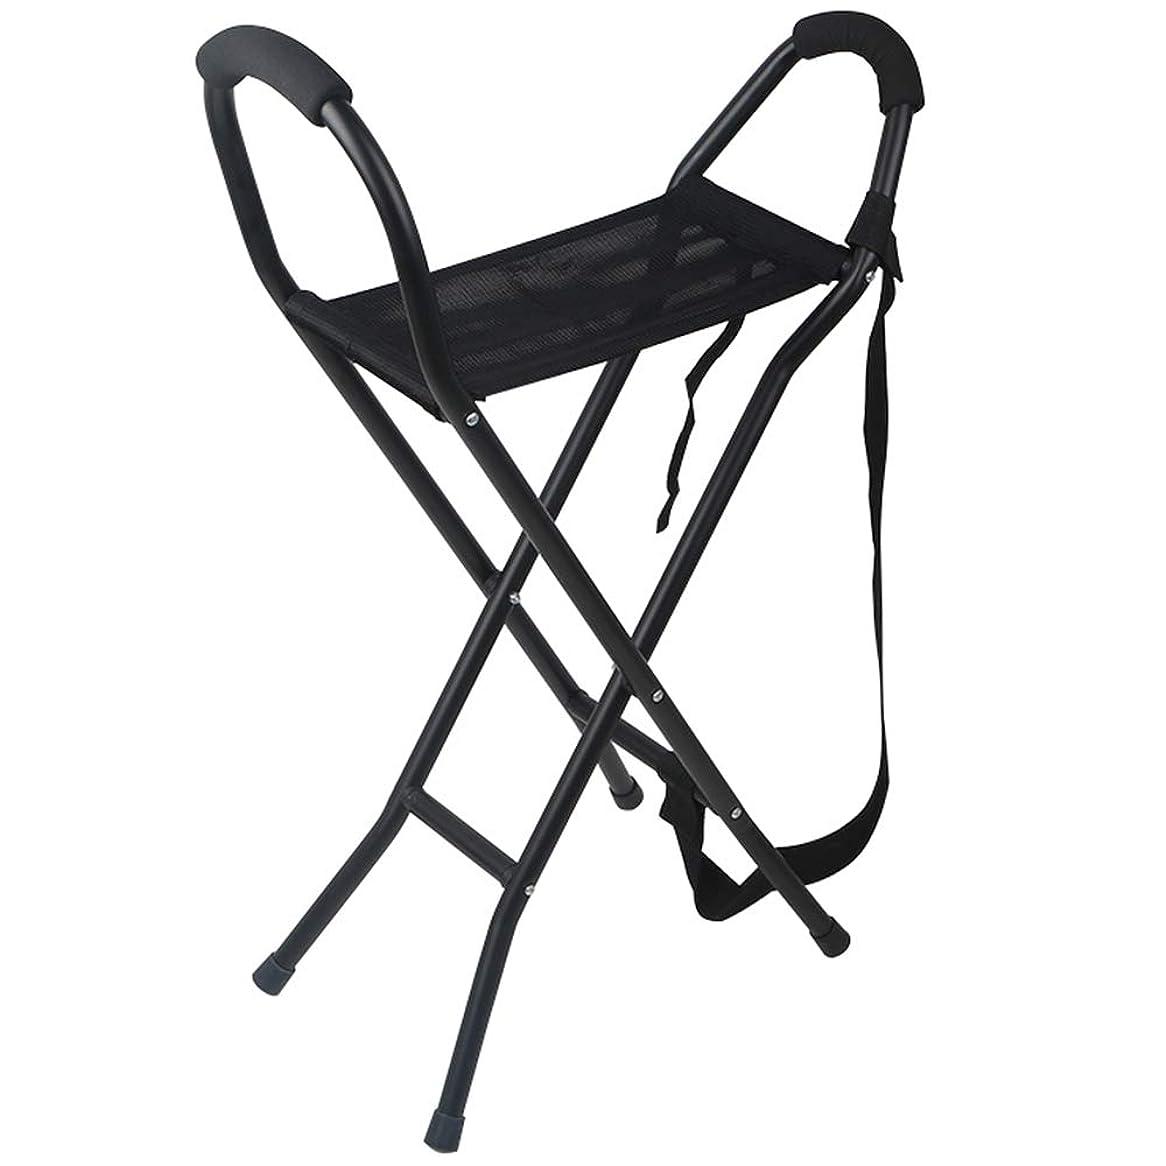 空いている雑草荷物折りたたみ杖椅子、超軽量のポータブルアルミ合金屋外滑り止め高齢者ウォーキングフレーム、身体の不自由な人運動障害のある人に適して